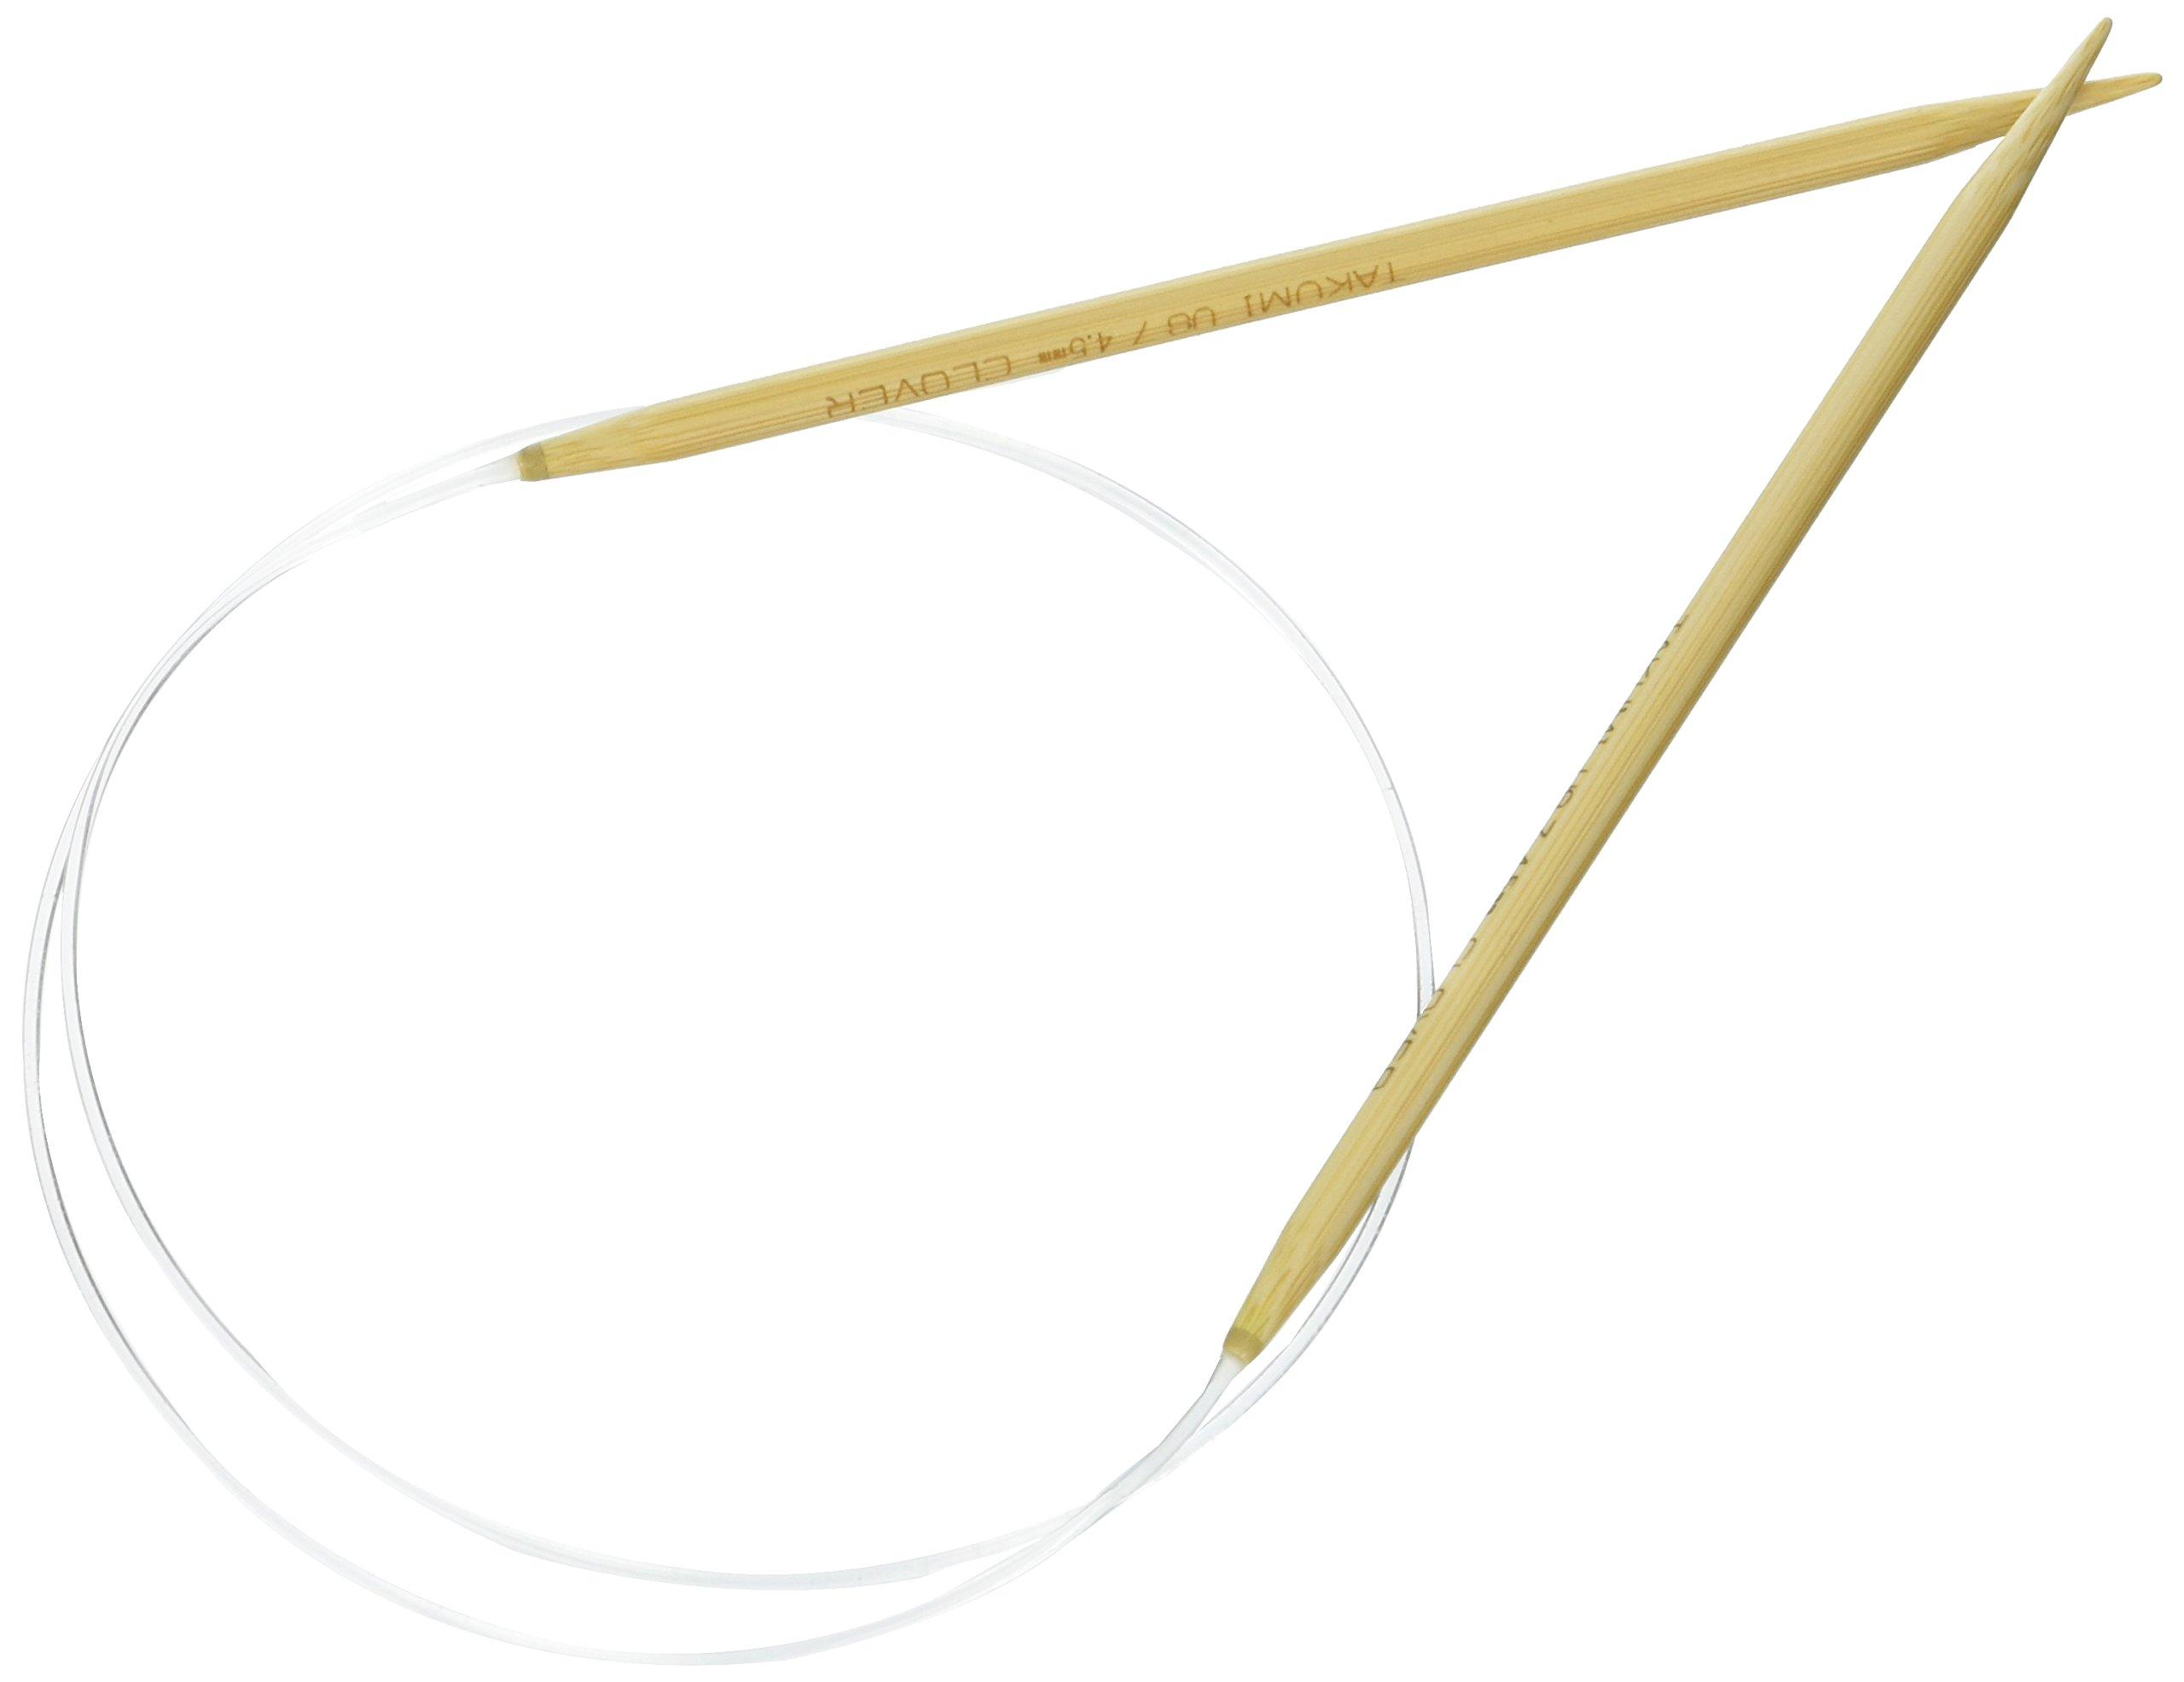 Aguja Circular Clover Takumi Bamboo 74cm  - 7